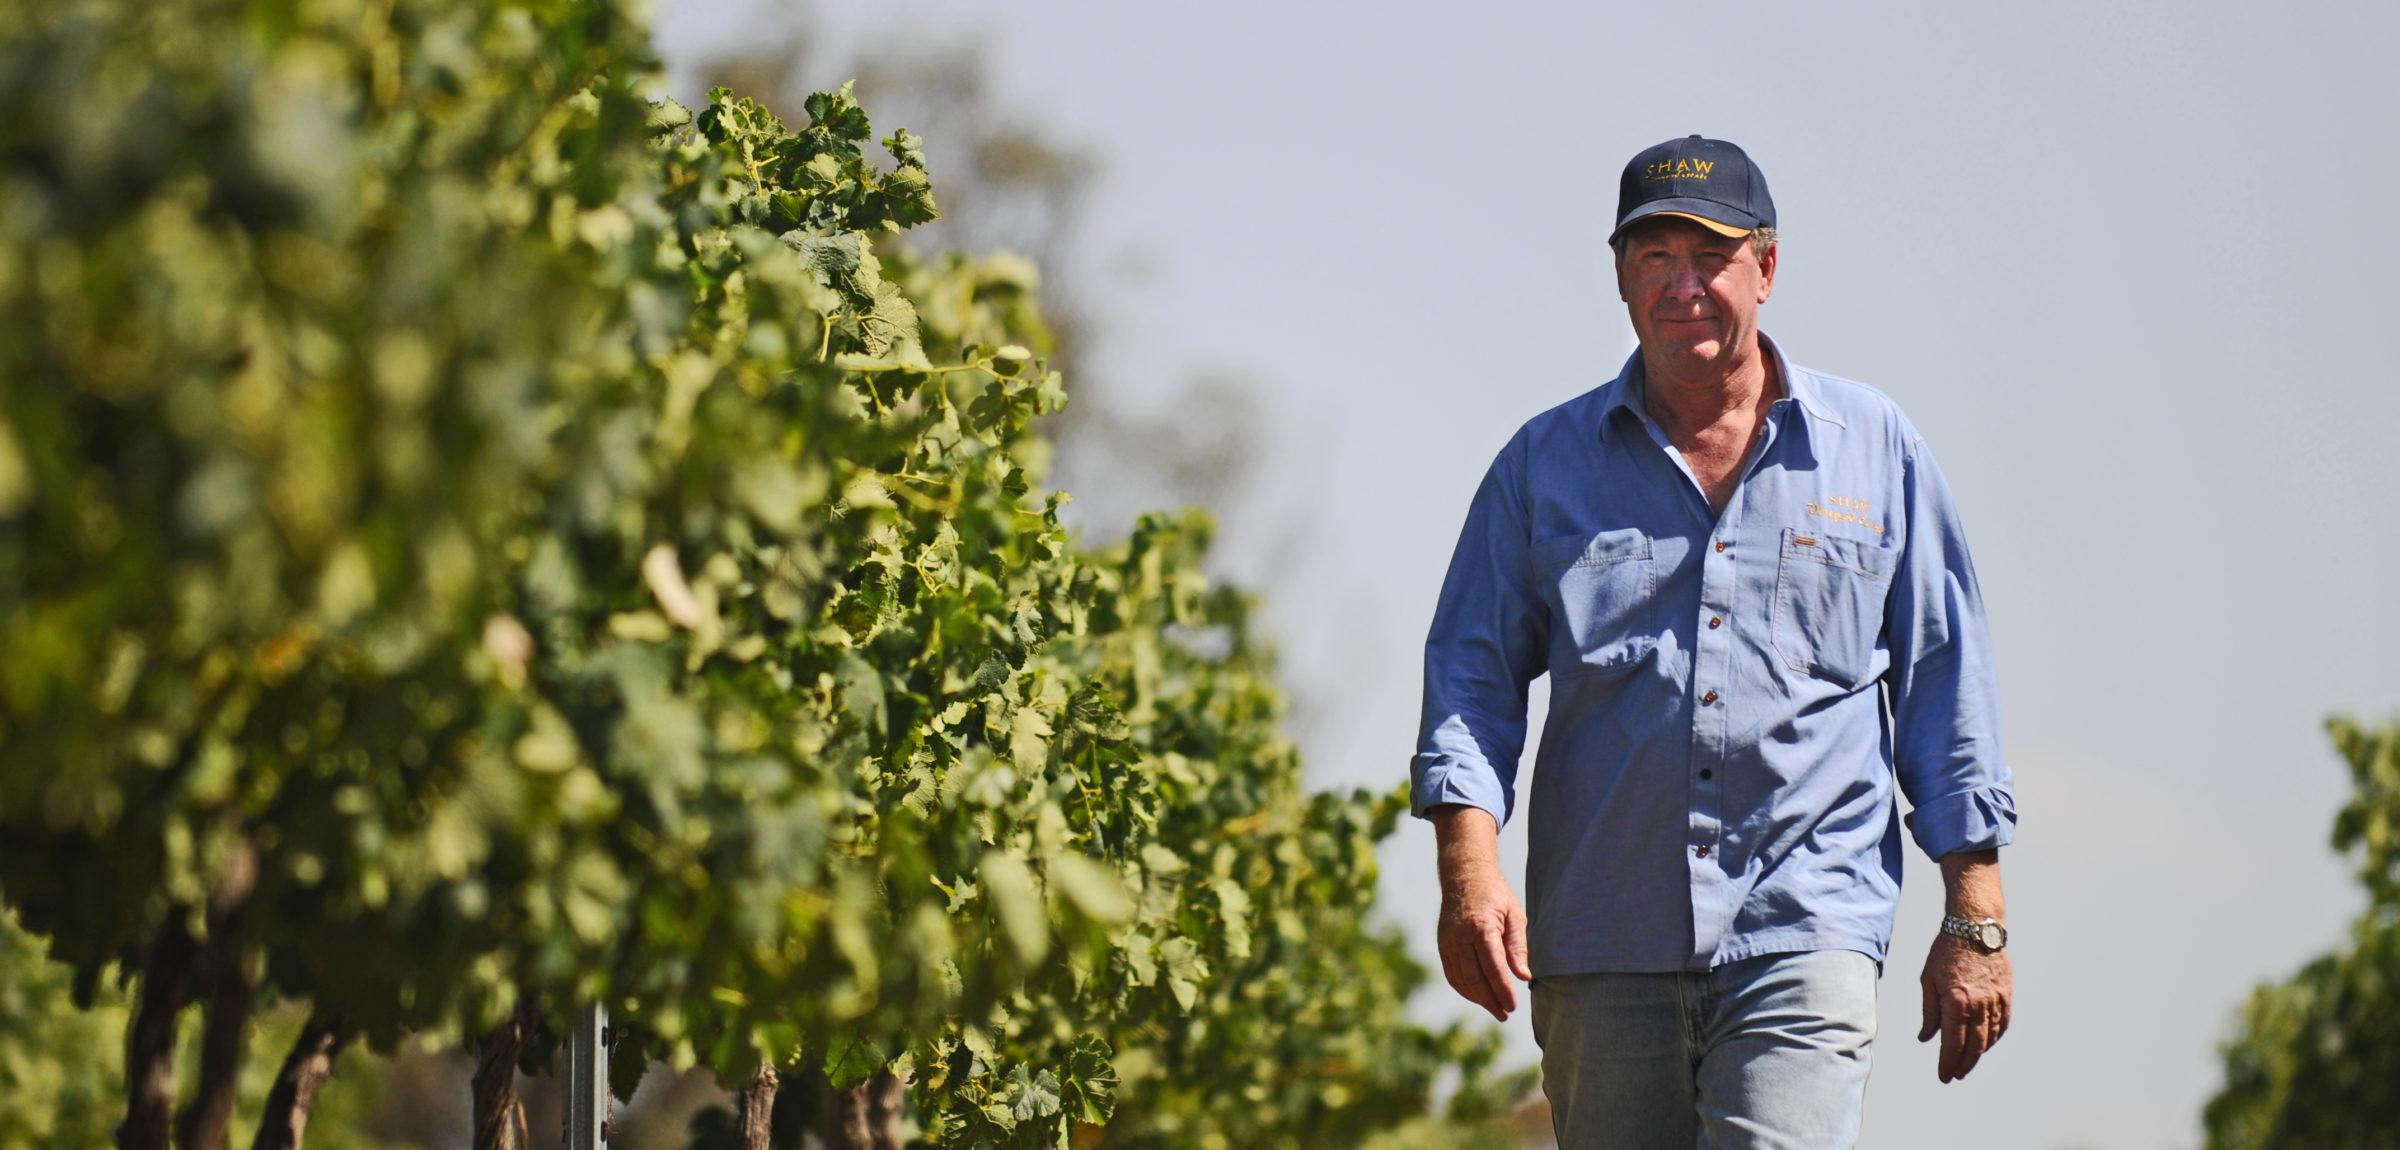 graeme-shaw-in-vineyard